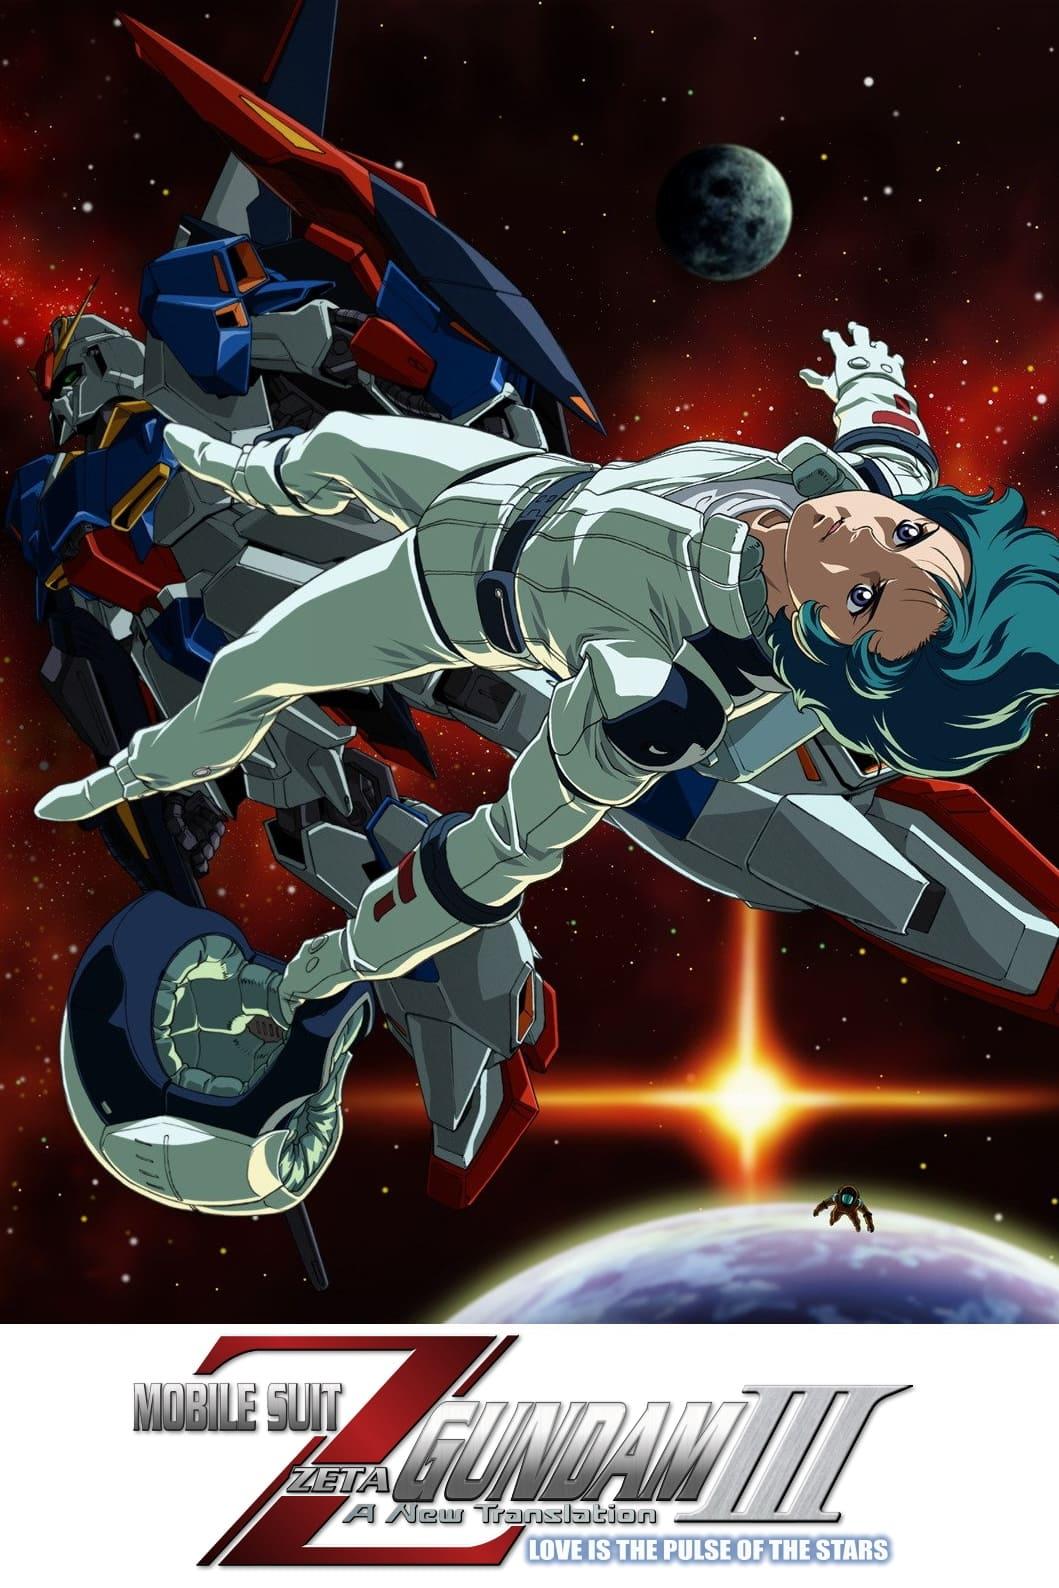 Mobile Suit Zeta Gundam Uma Nova Tradução III: O Amor é o Pulso das Estrelas